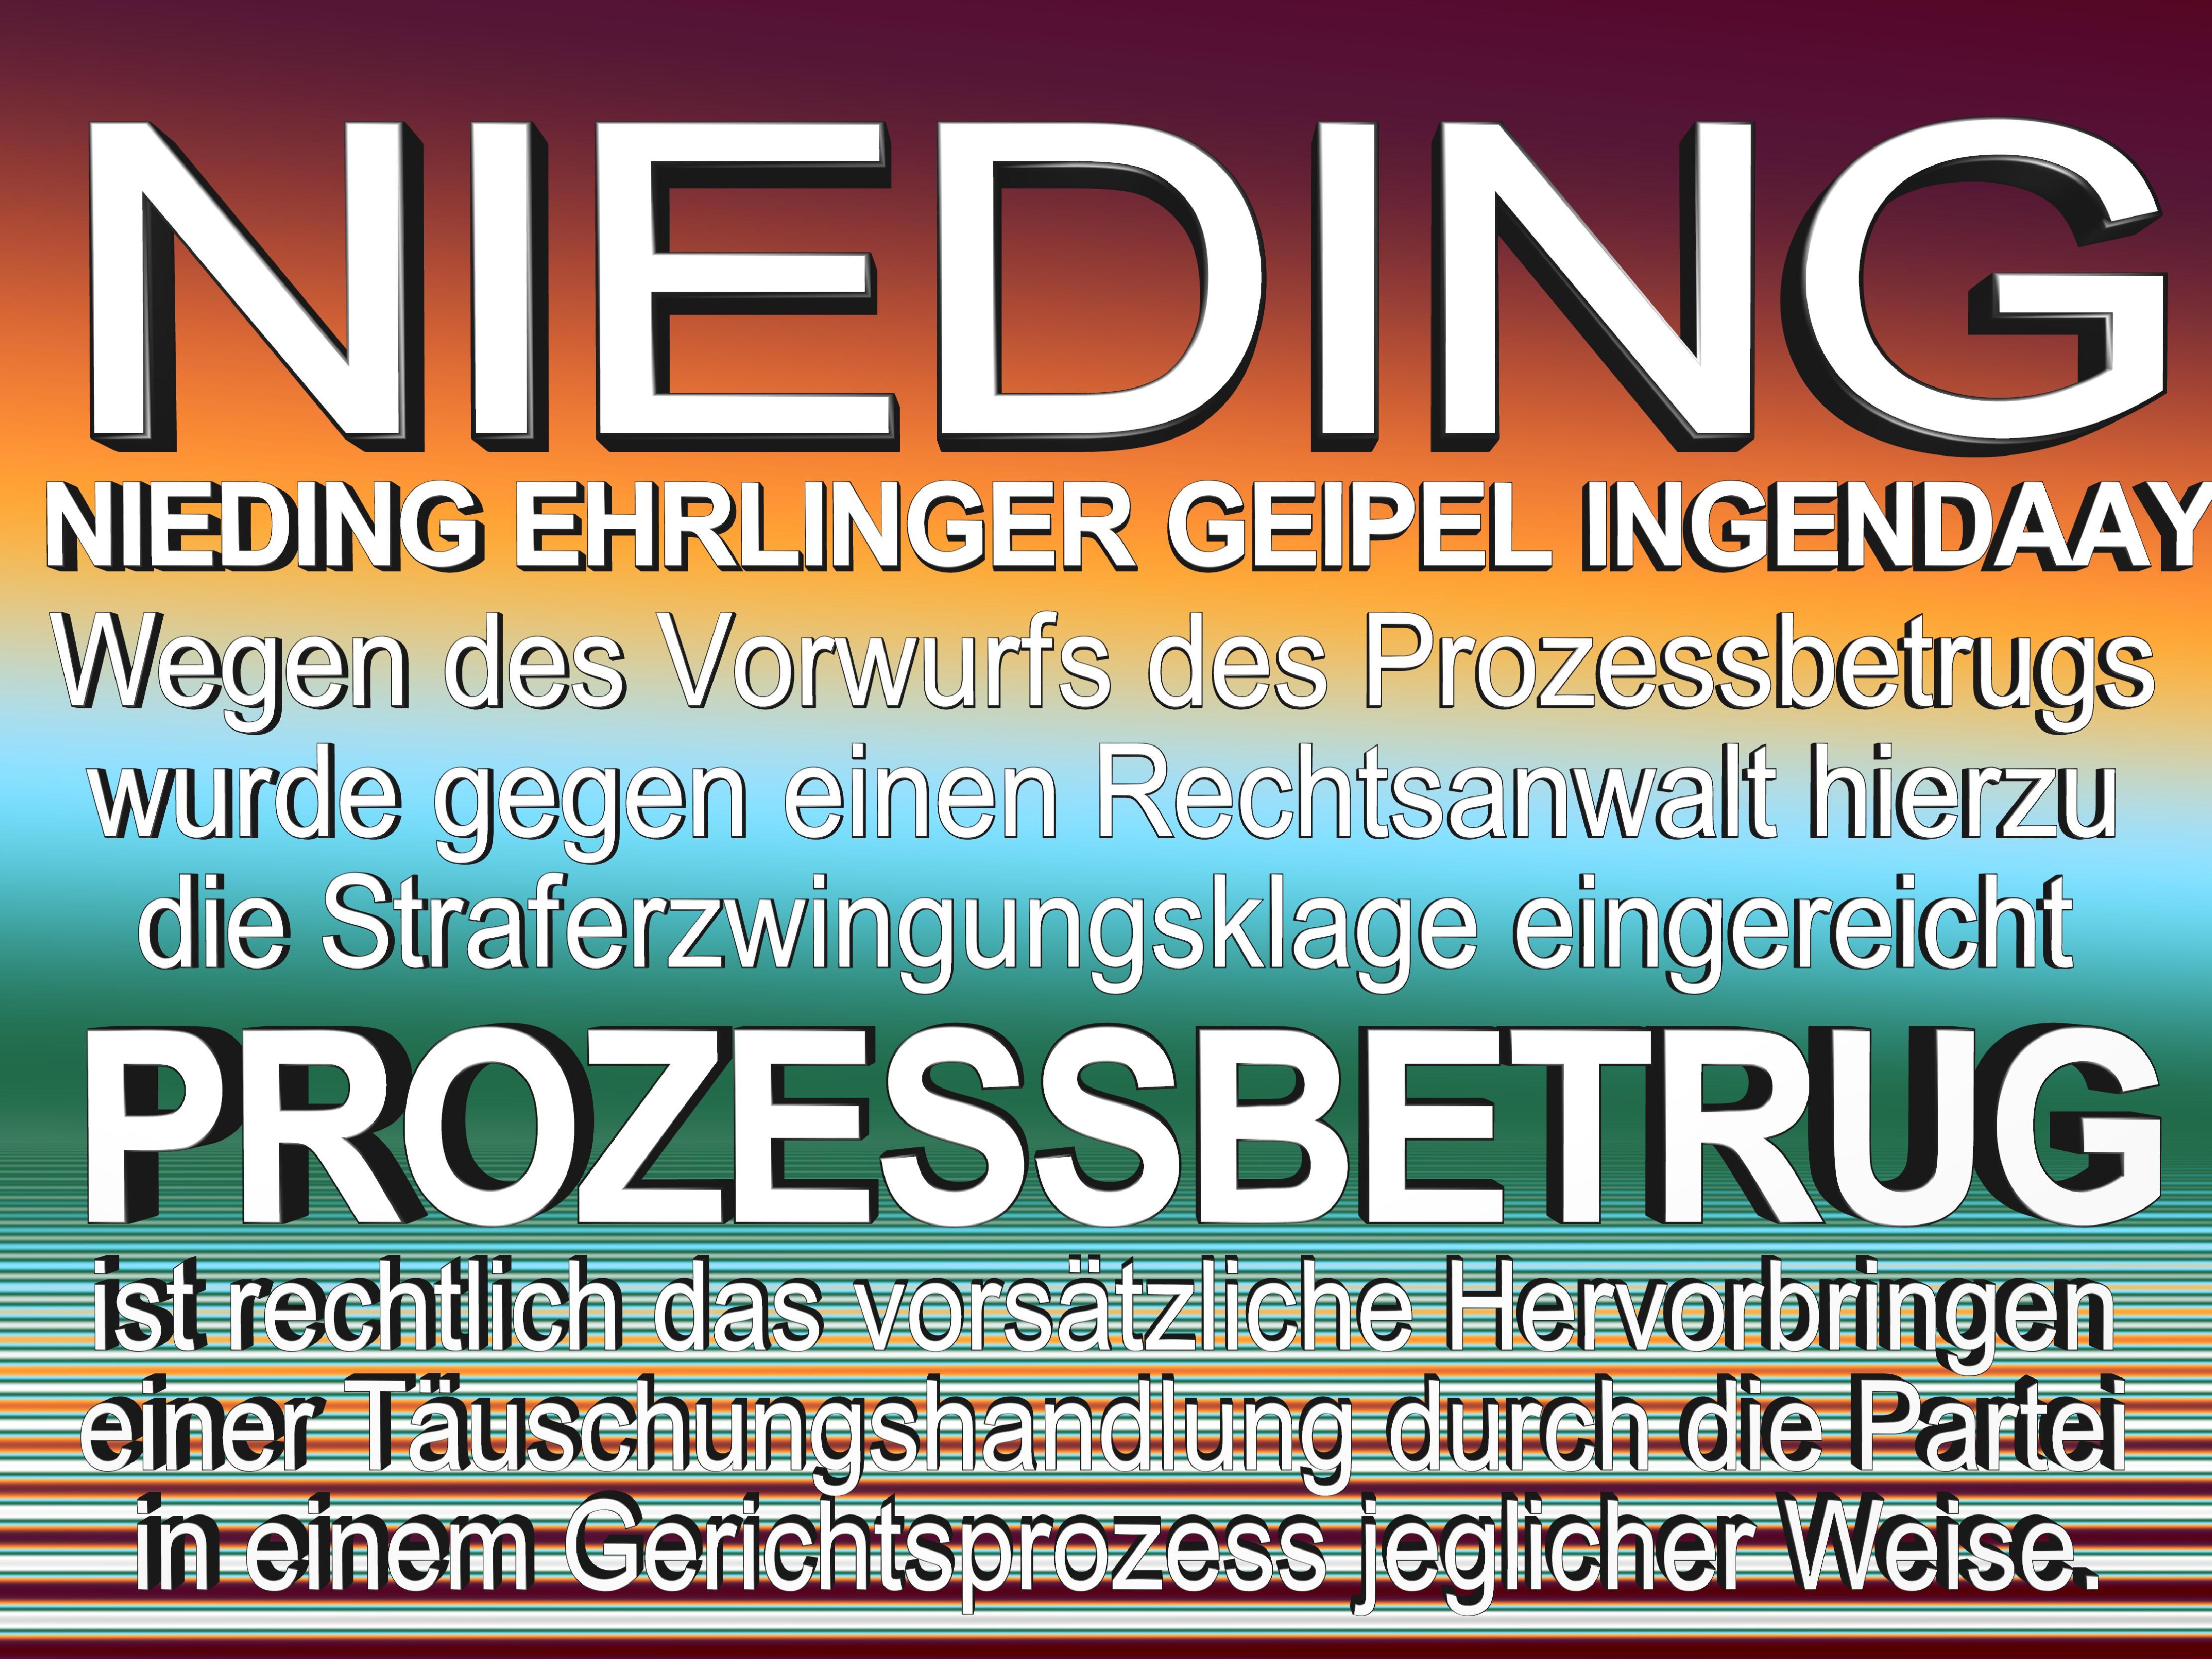 NIEDING EHRLINGER GEIPEL INGENDAAY LELKE Kurfürstendamm 66 Berlin (84)